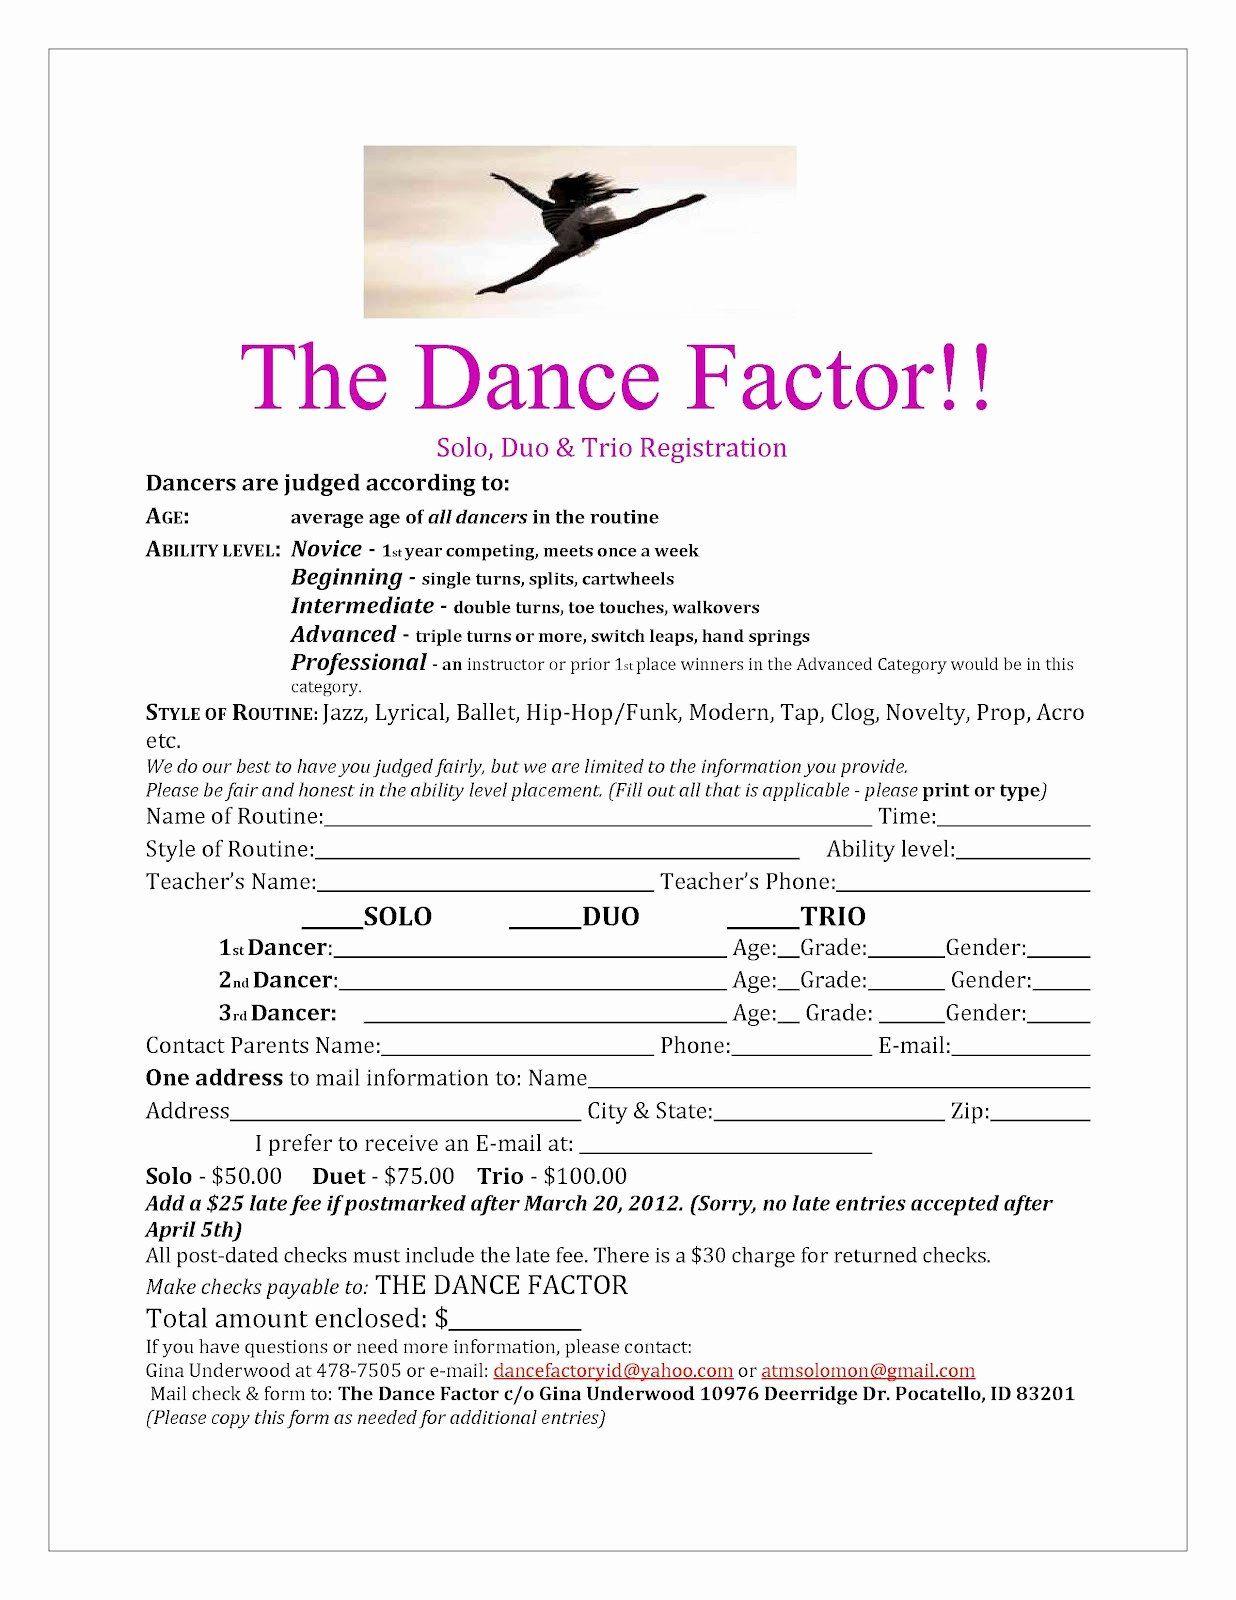 Dance Registration Form Template Elegant Eagle Rock Dance Dance Factor Solo Registration Form Registration Form Business Template Templates